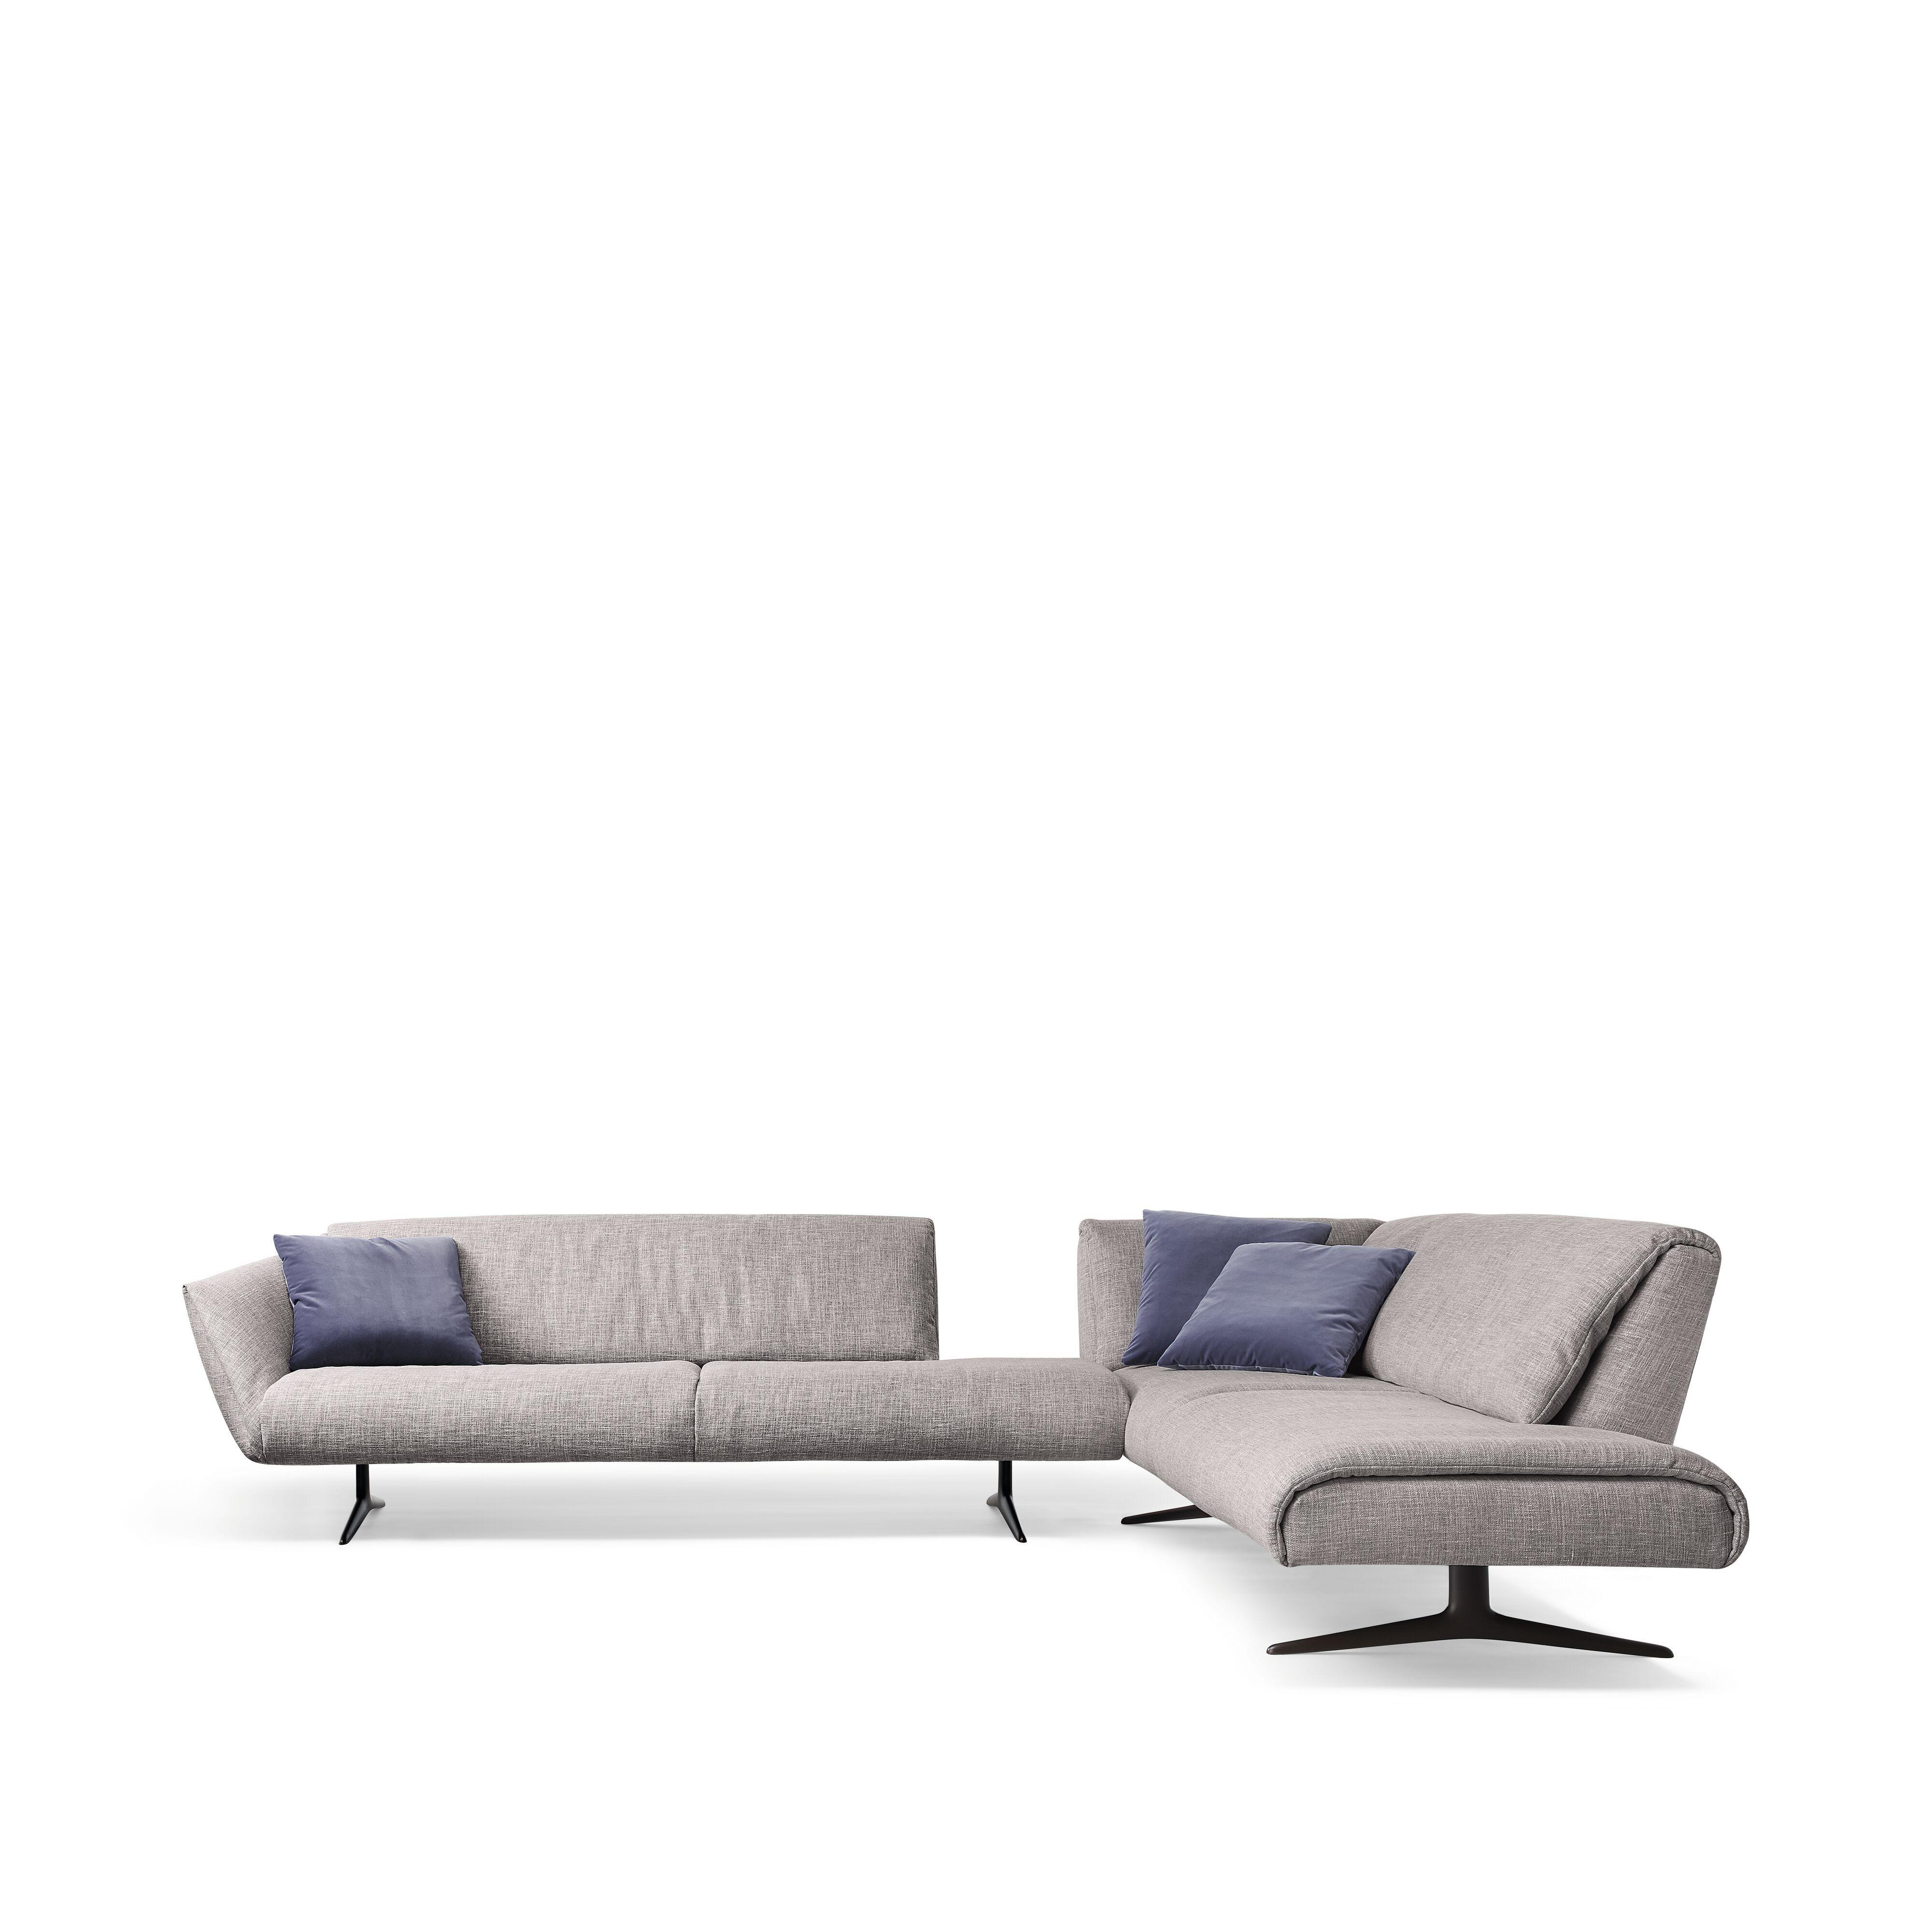 01-WK-Bundle-Sofa-0001-H.tif